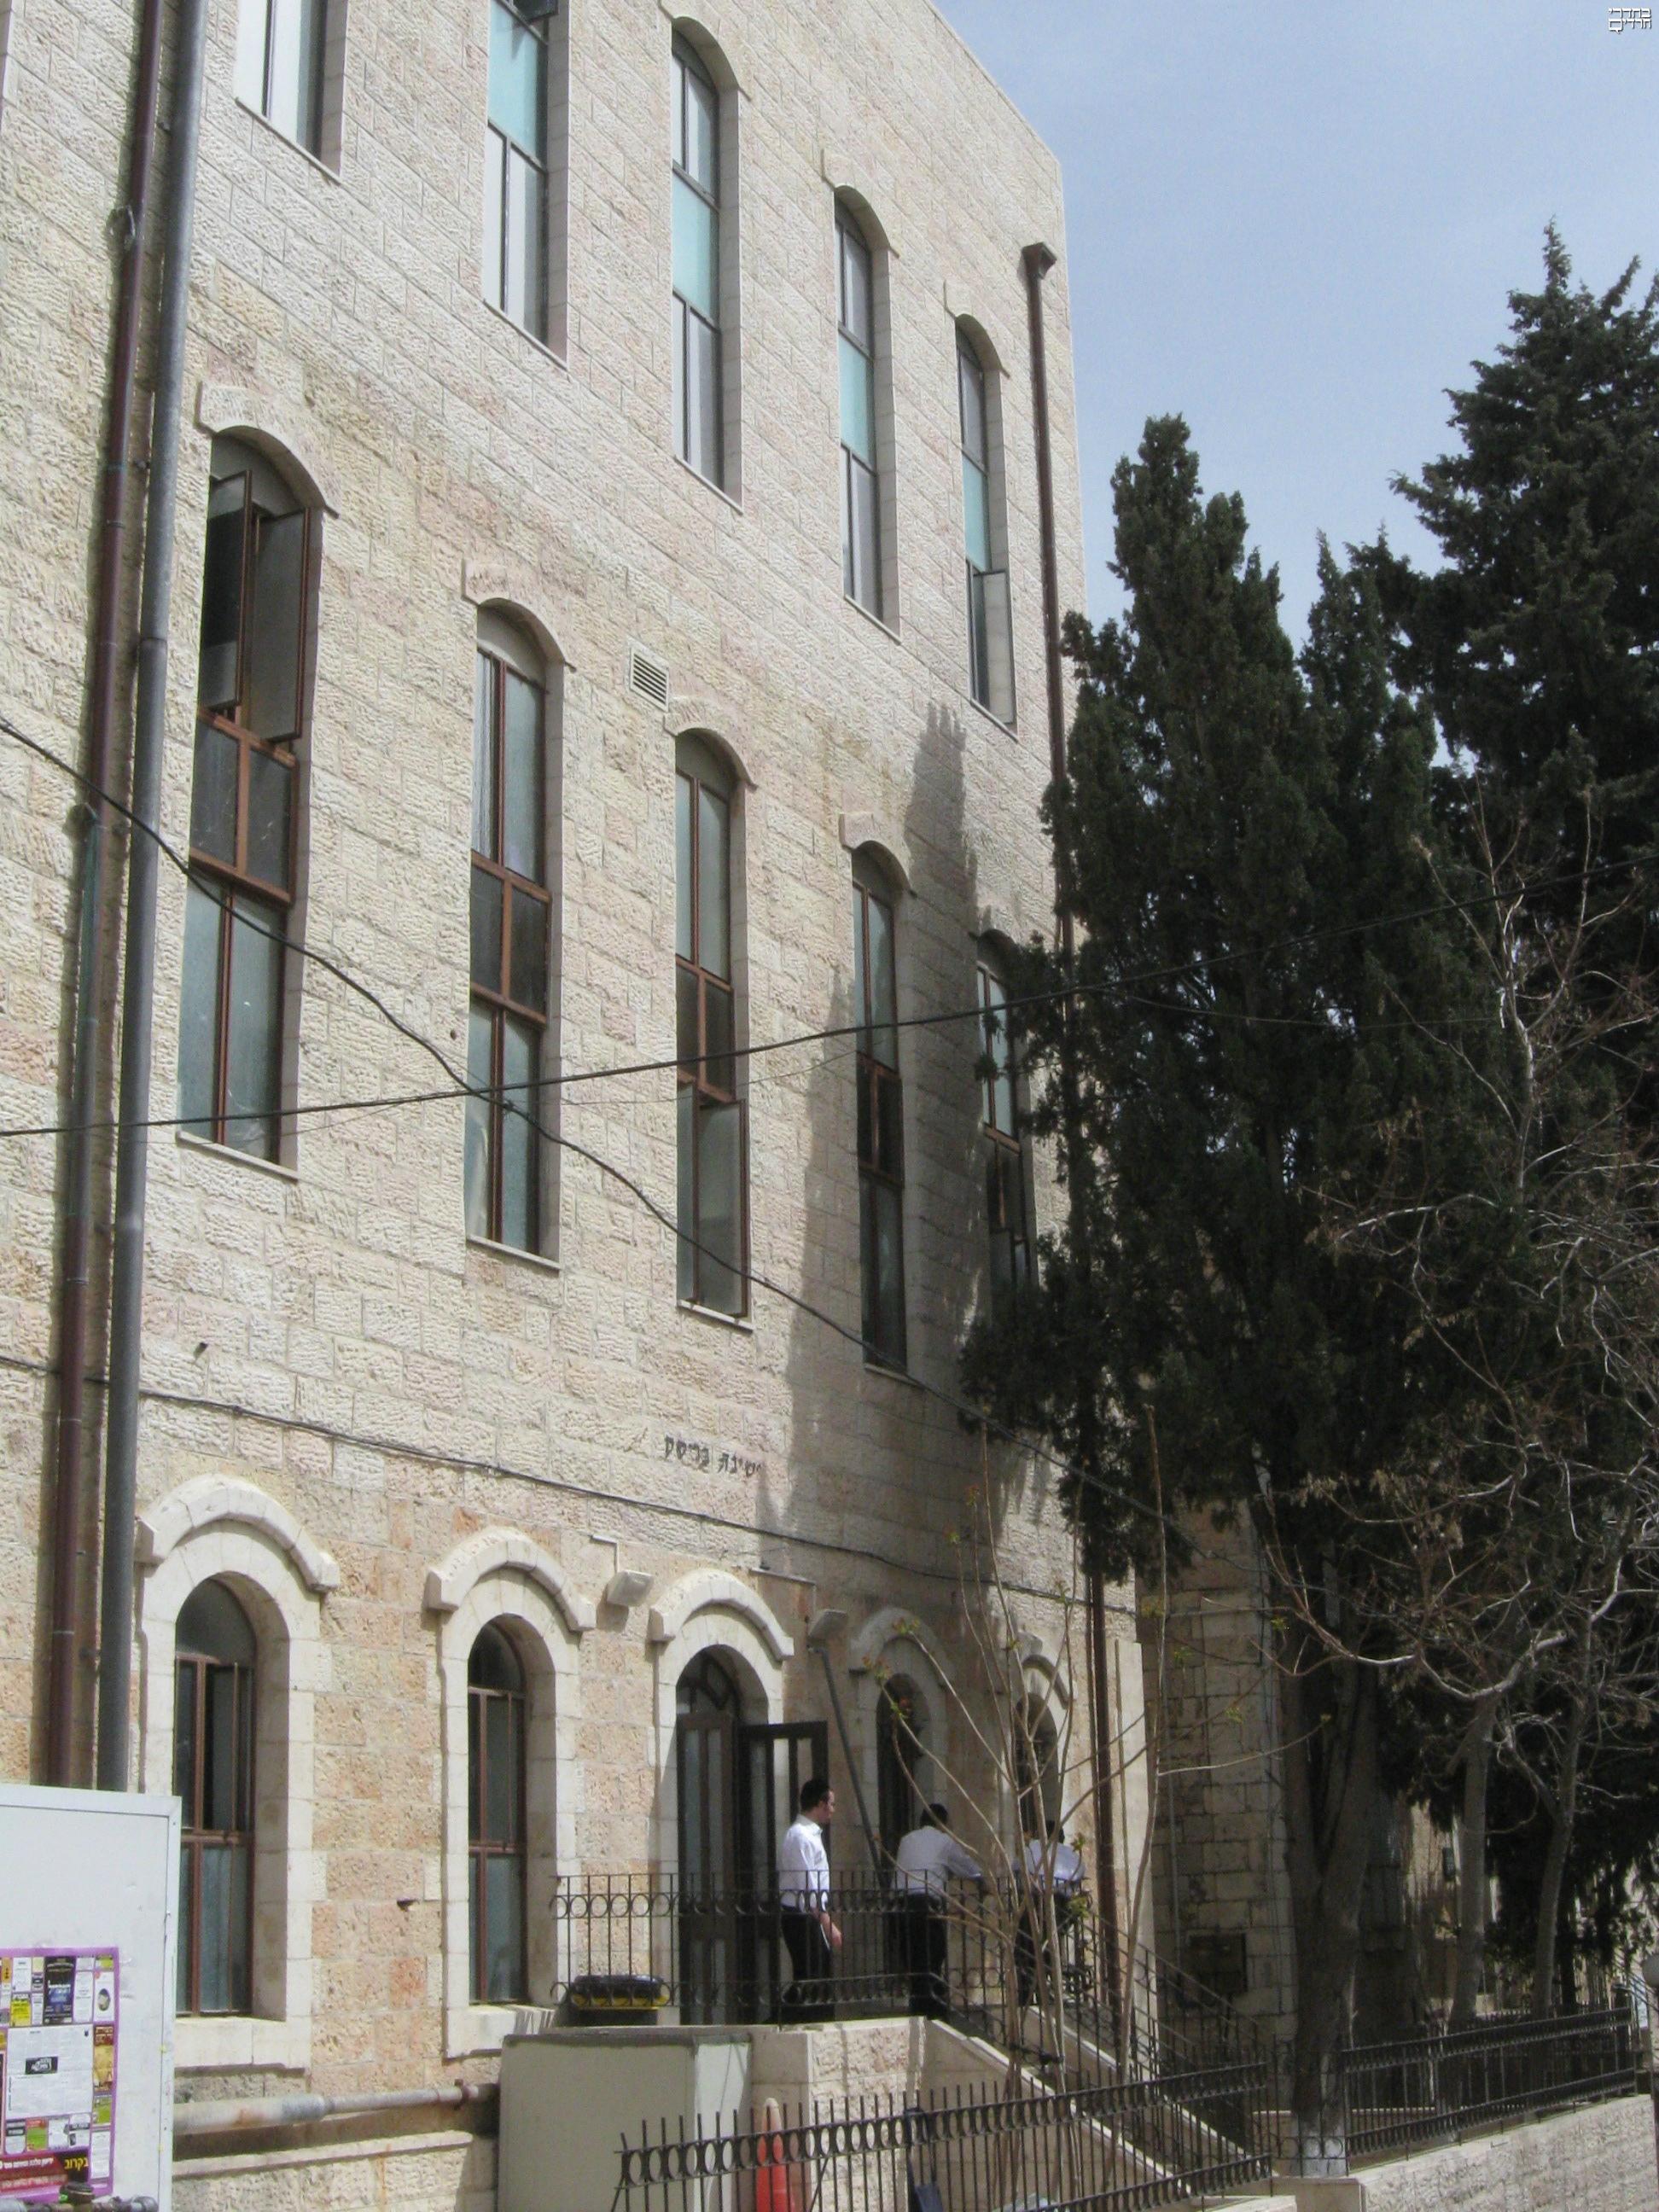 ישיבת בריסק בירושלים. ויקיפדיה